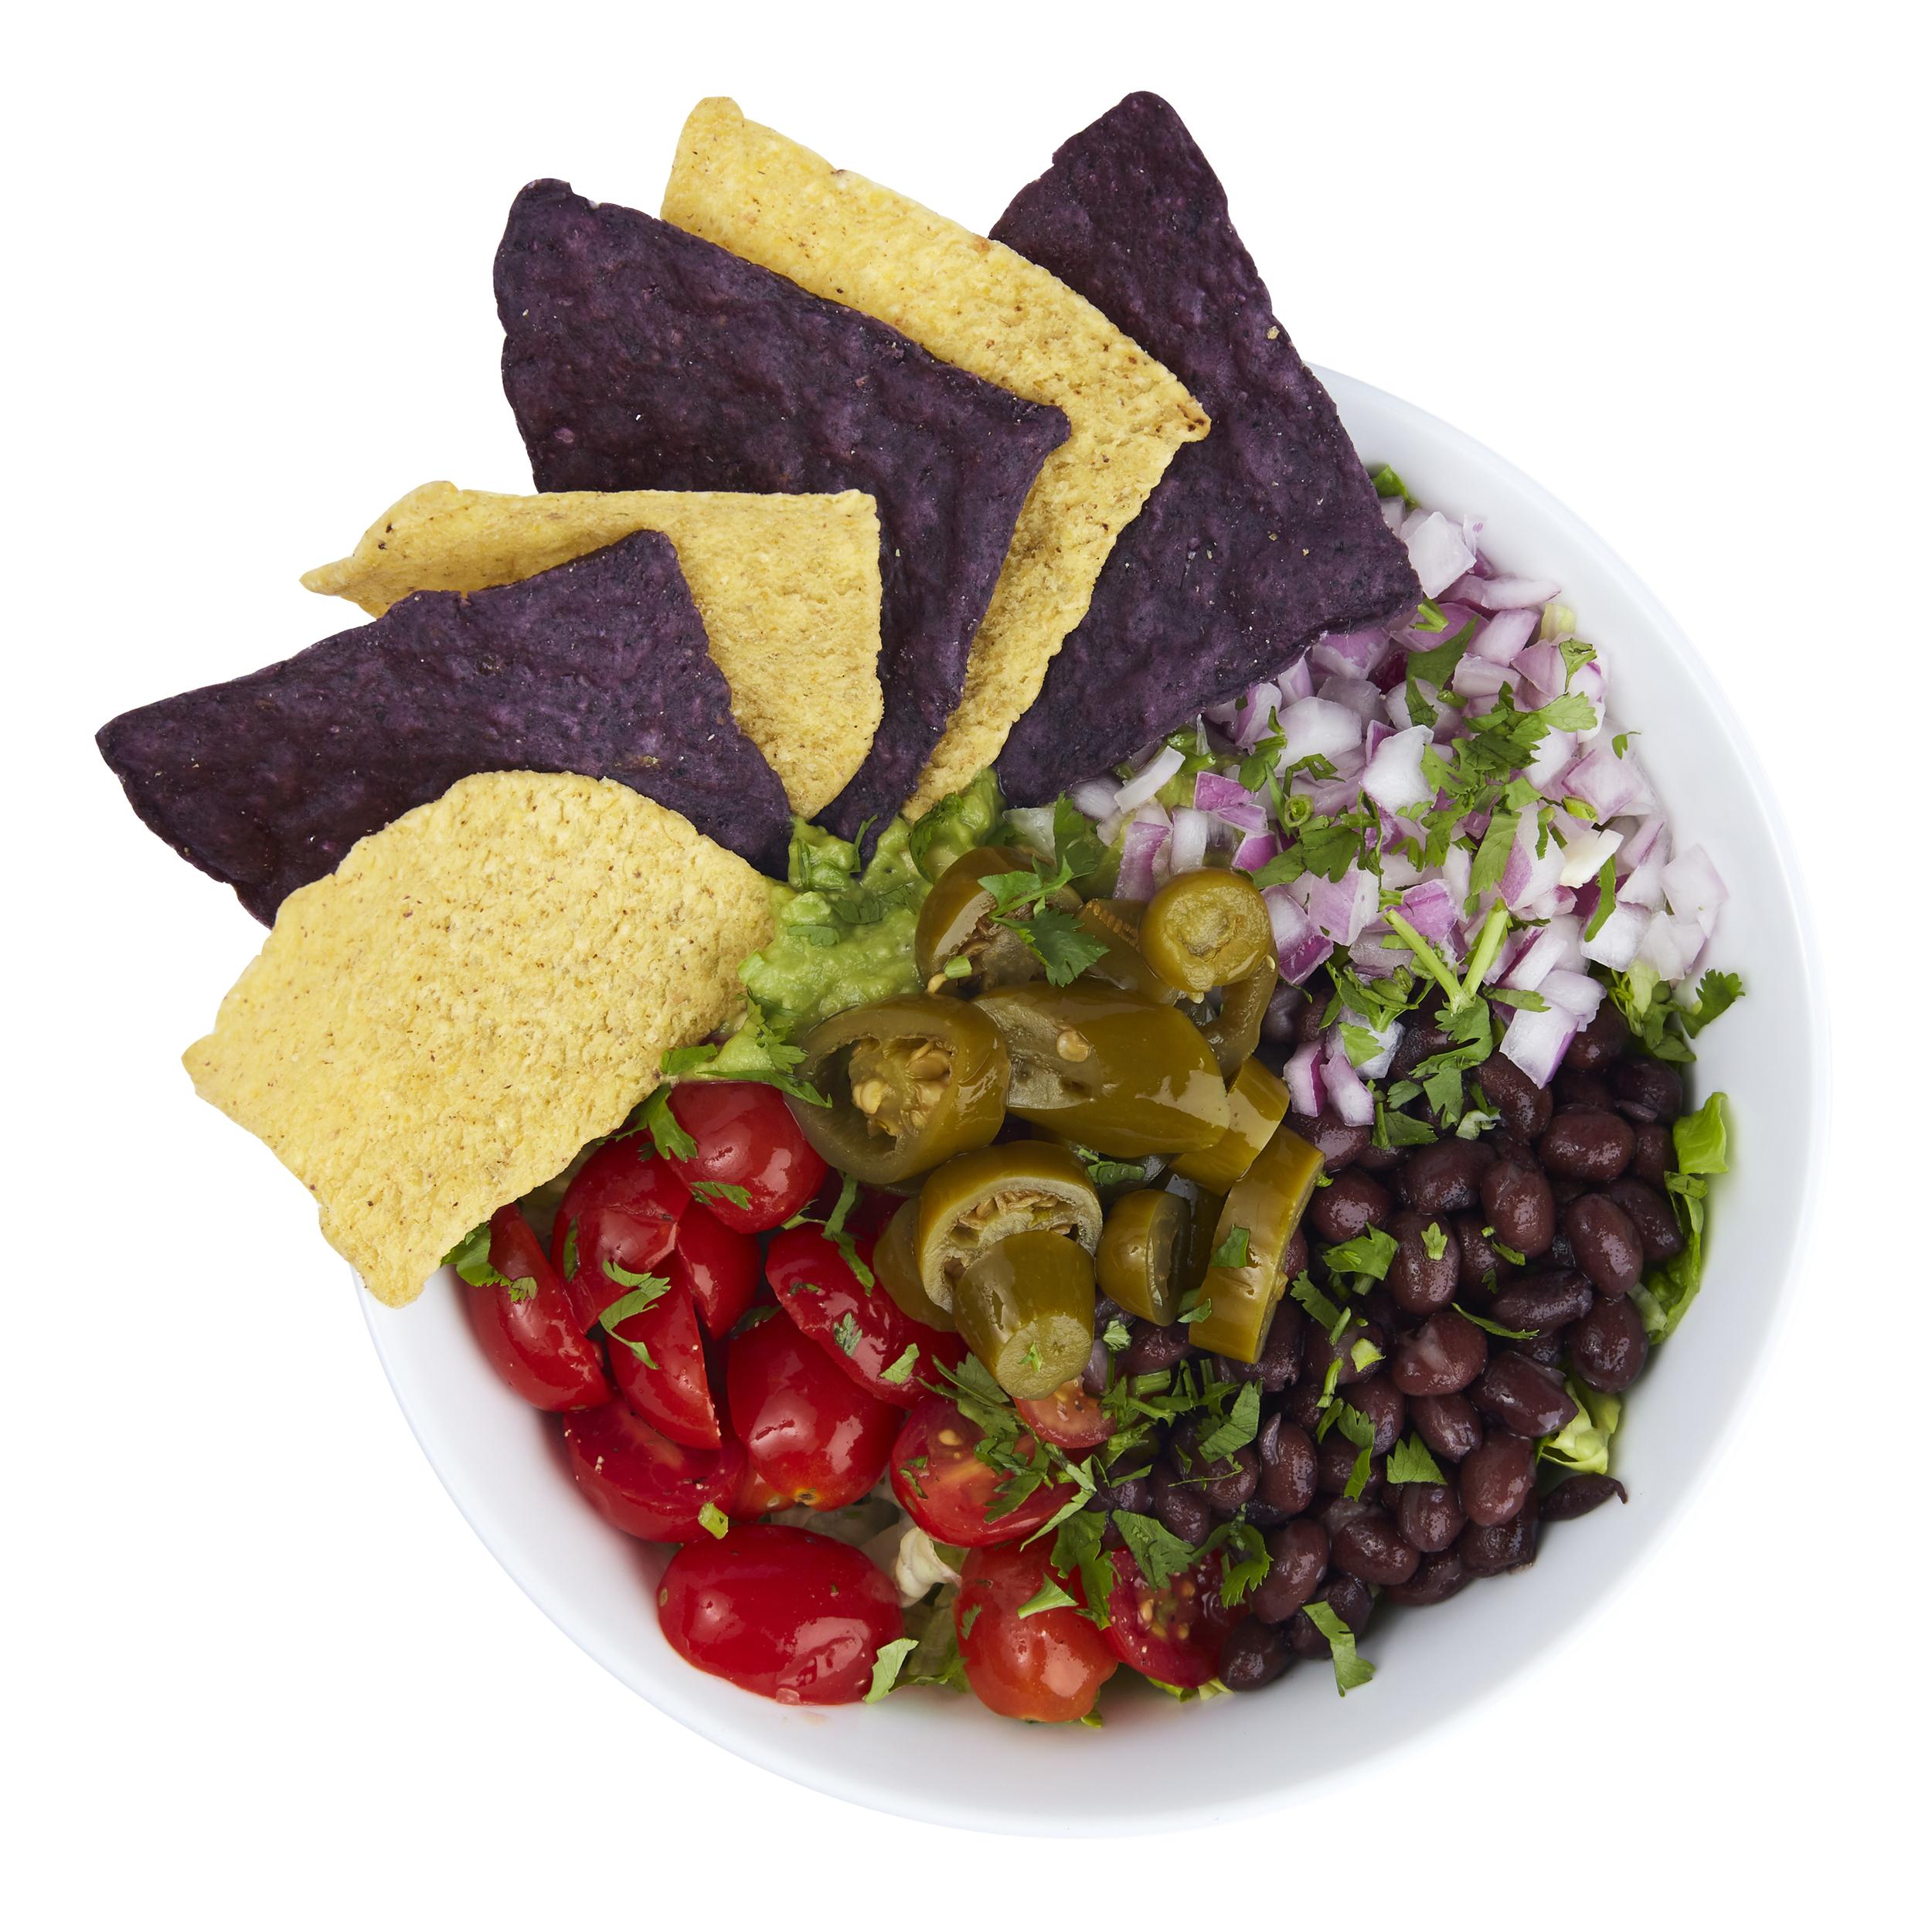 Picante Salad - $10.99  Romaine, guacamole, pico de gallo, black bean, red onions, pickled jalapeno, cilantro, tortilla chips, cilantro-lime dressing